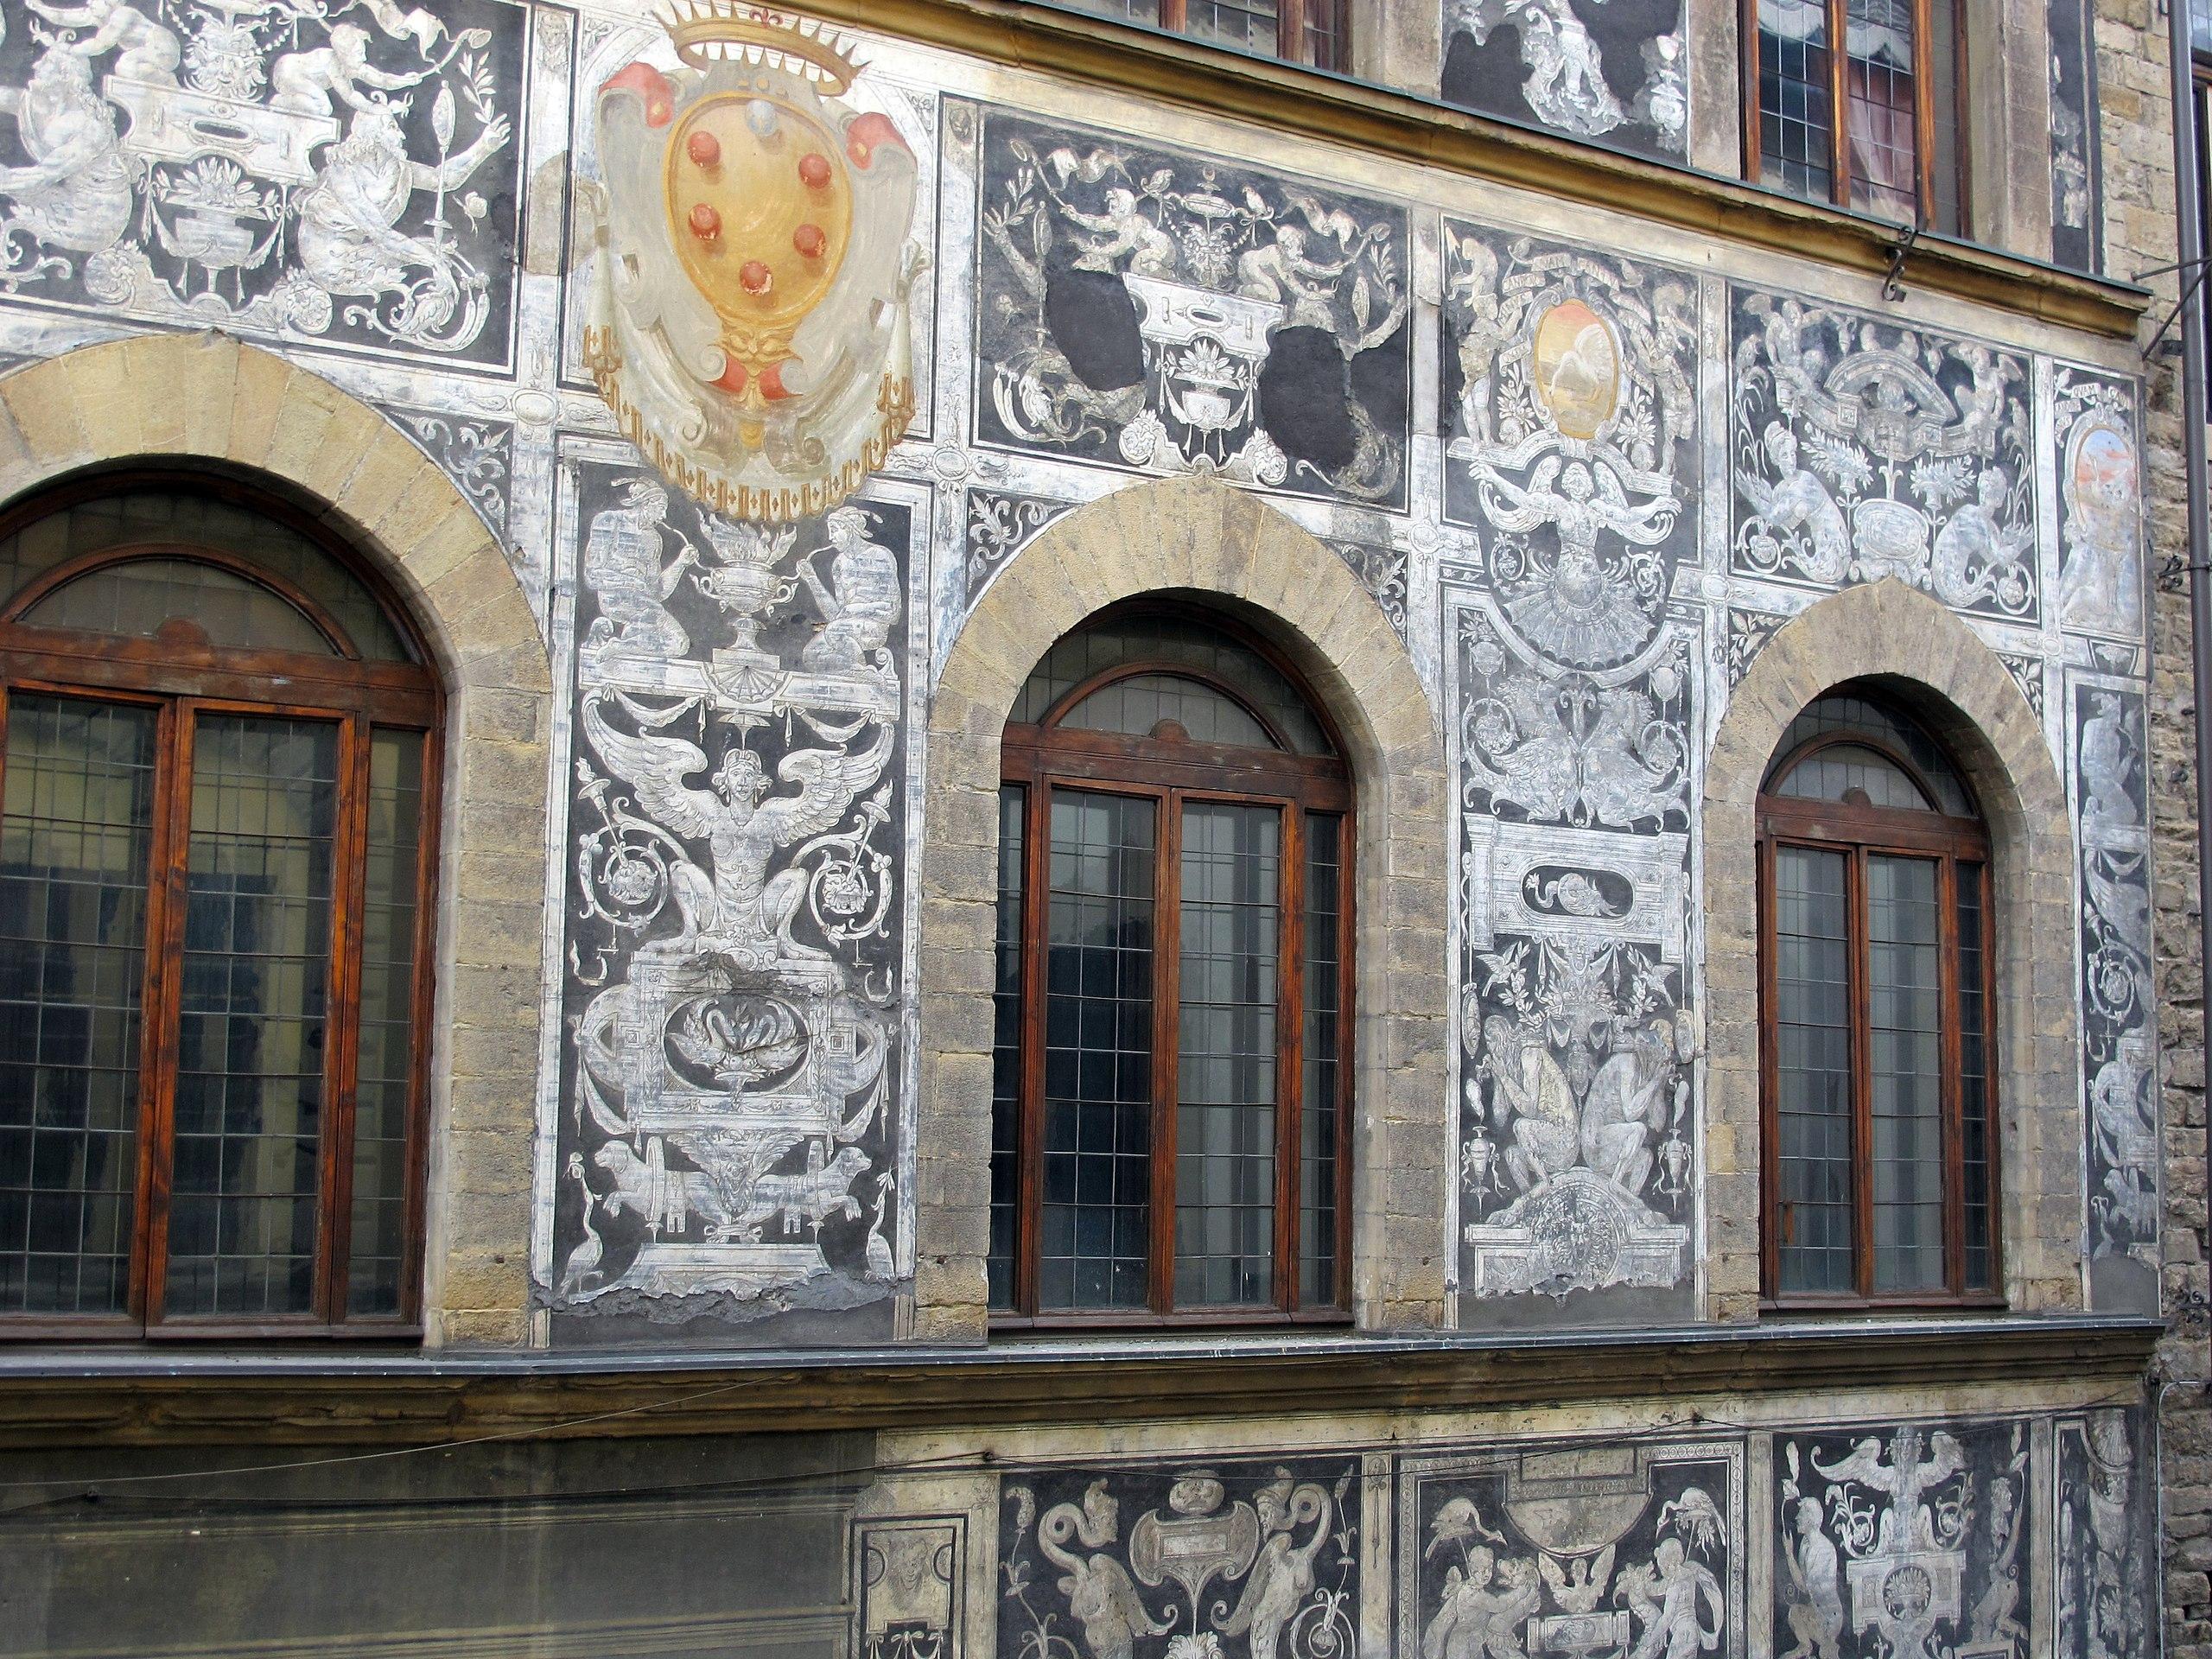 2560px-Palazzo_di_bianca_cappello%2C_graffiti_03..JPG